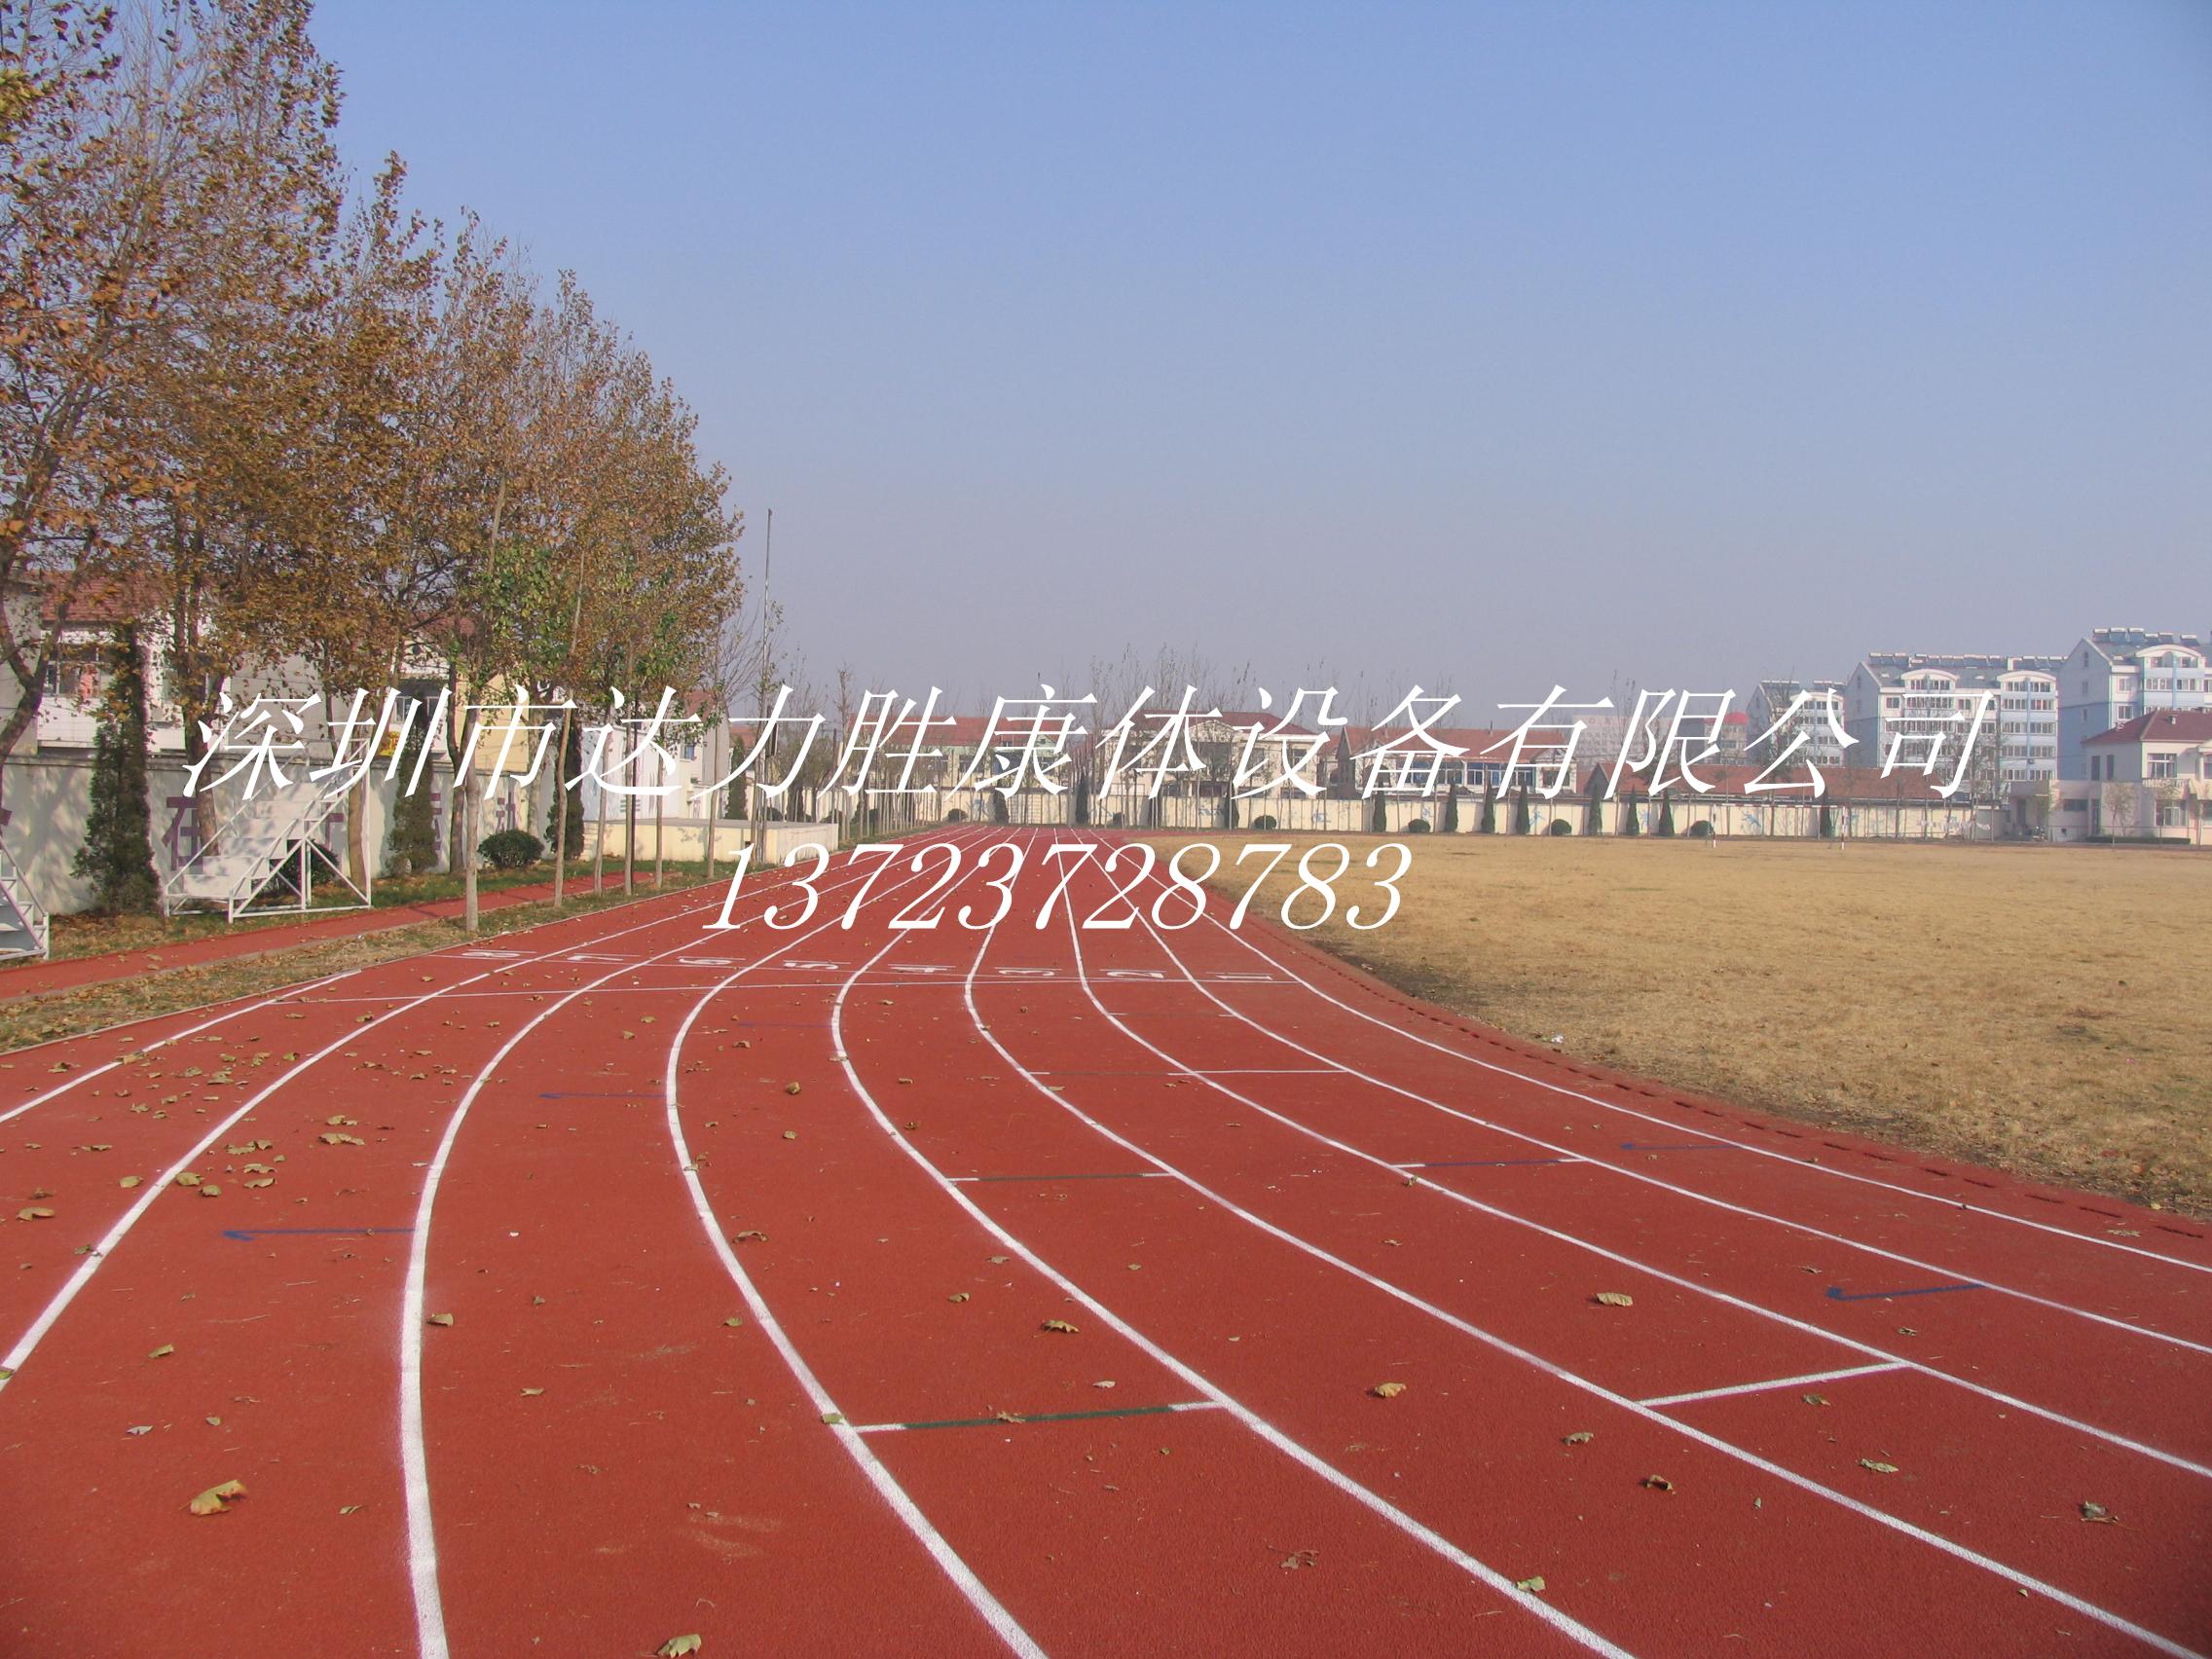 承接跑道施工,200米跑道